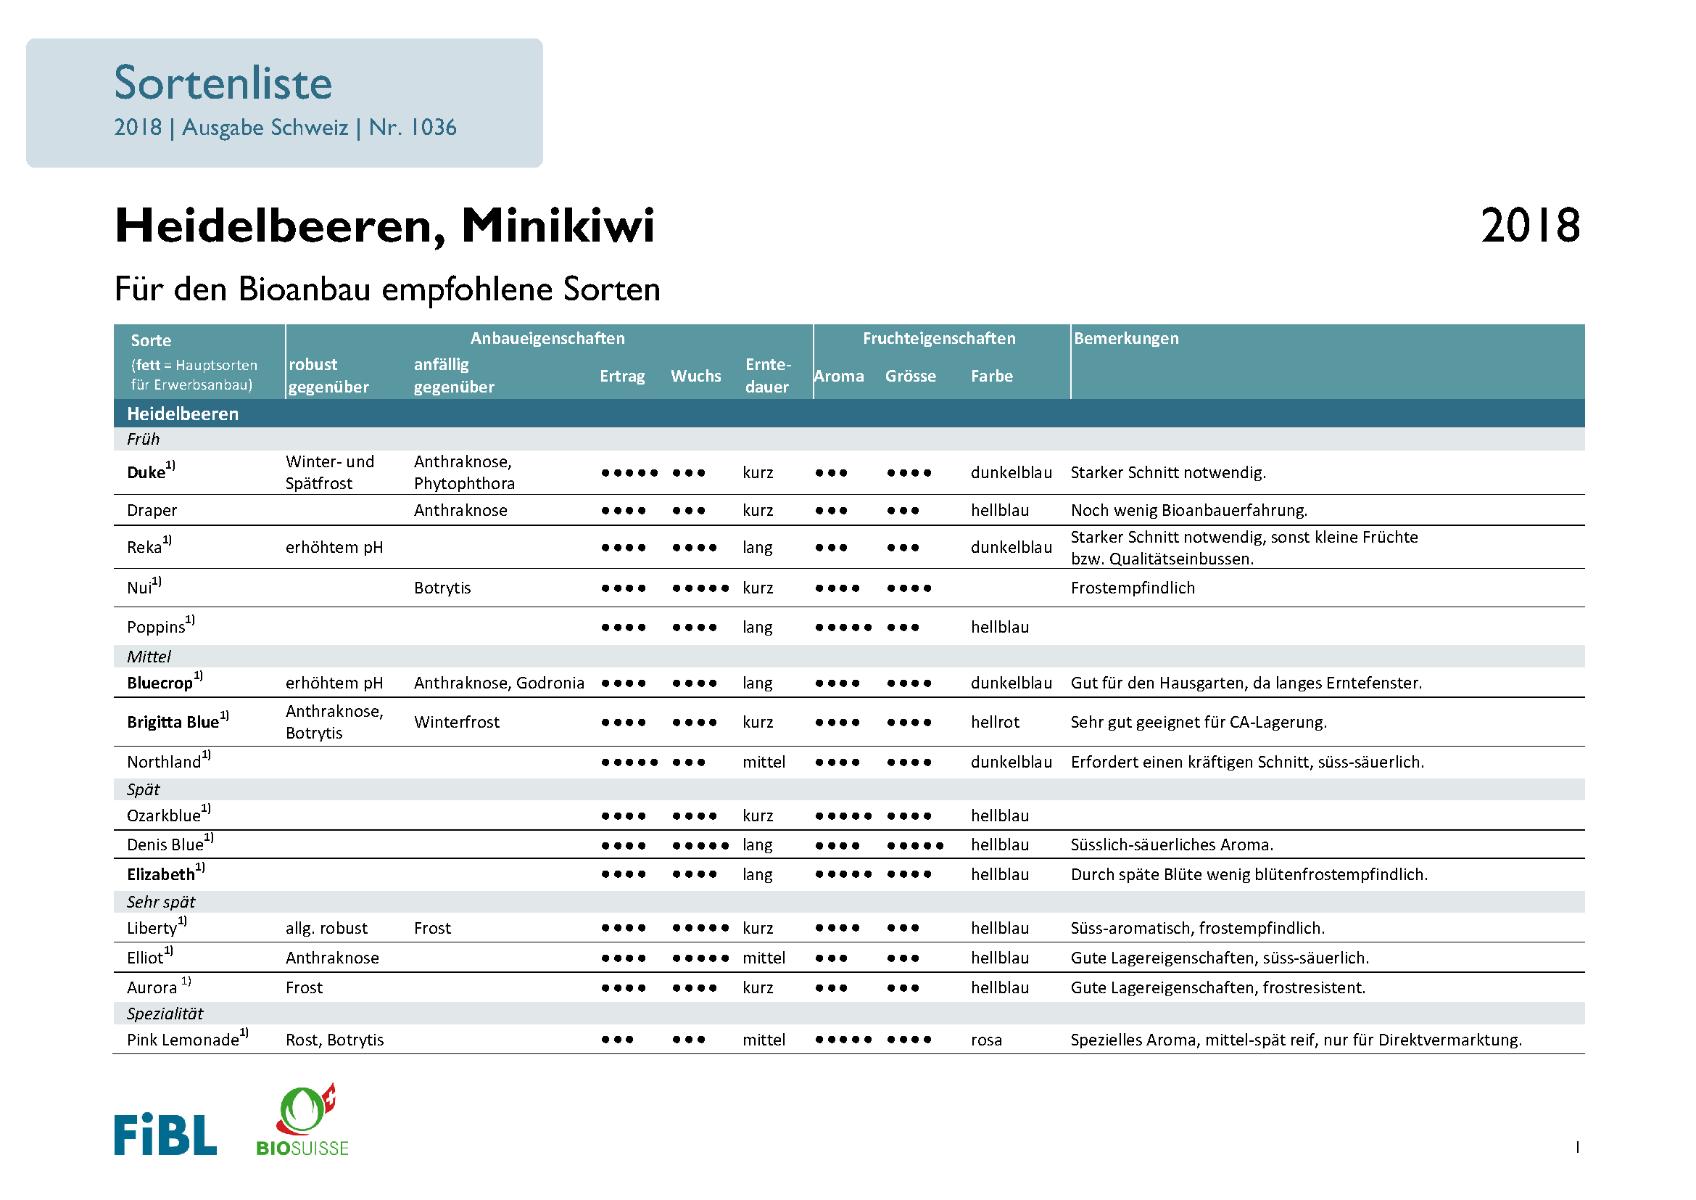 Sortenempfehlung Heidelbeeren, Minikiwi